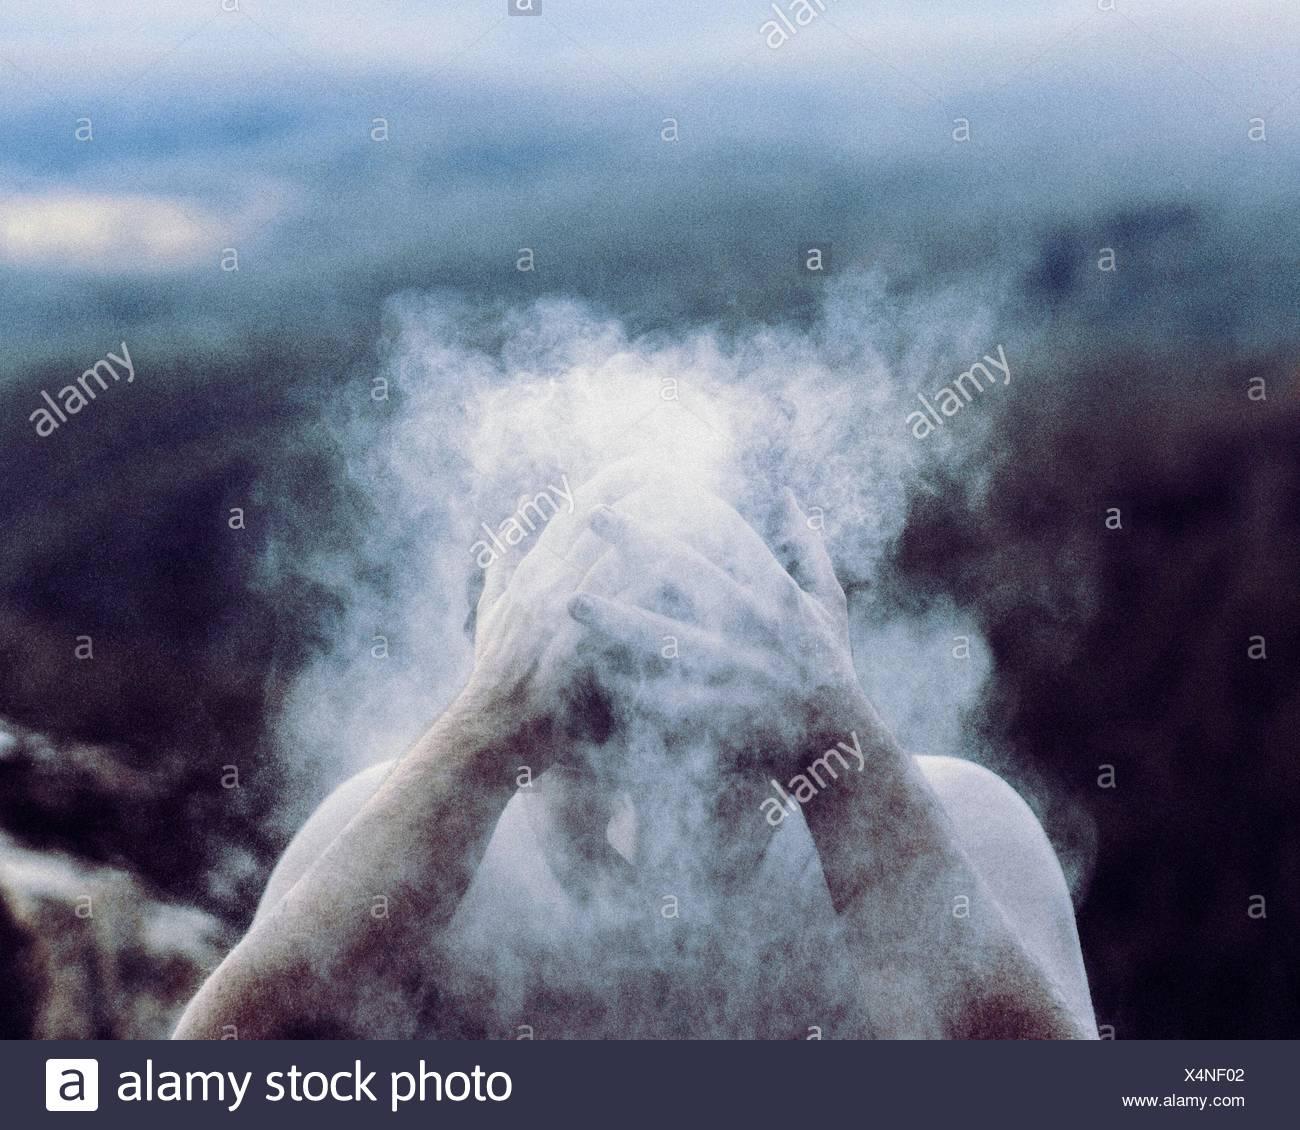 Hombre limpiándola de polvo de cabeza Imagen De Stock